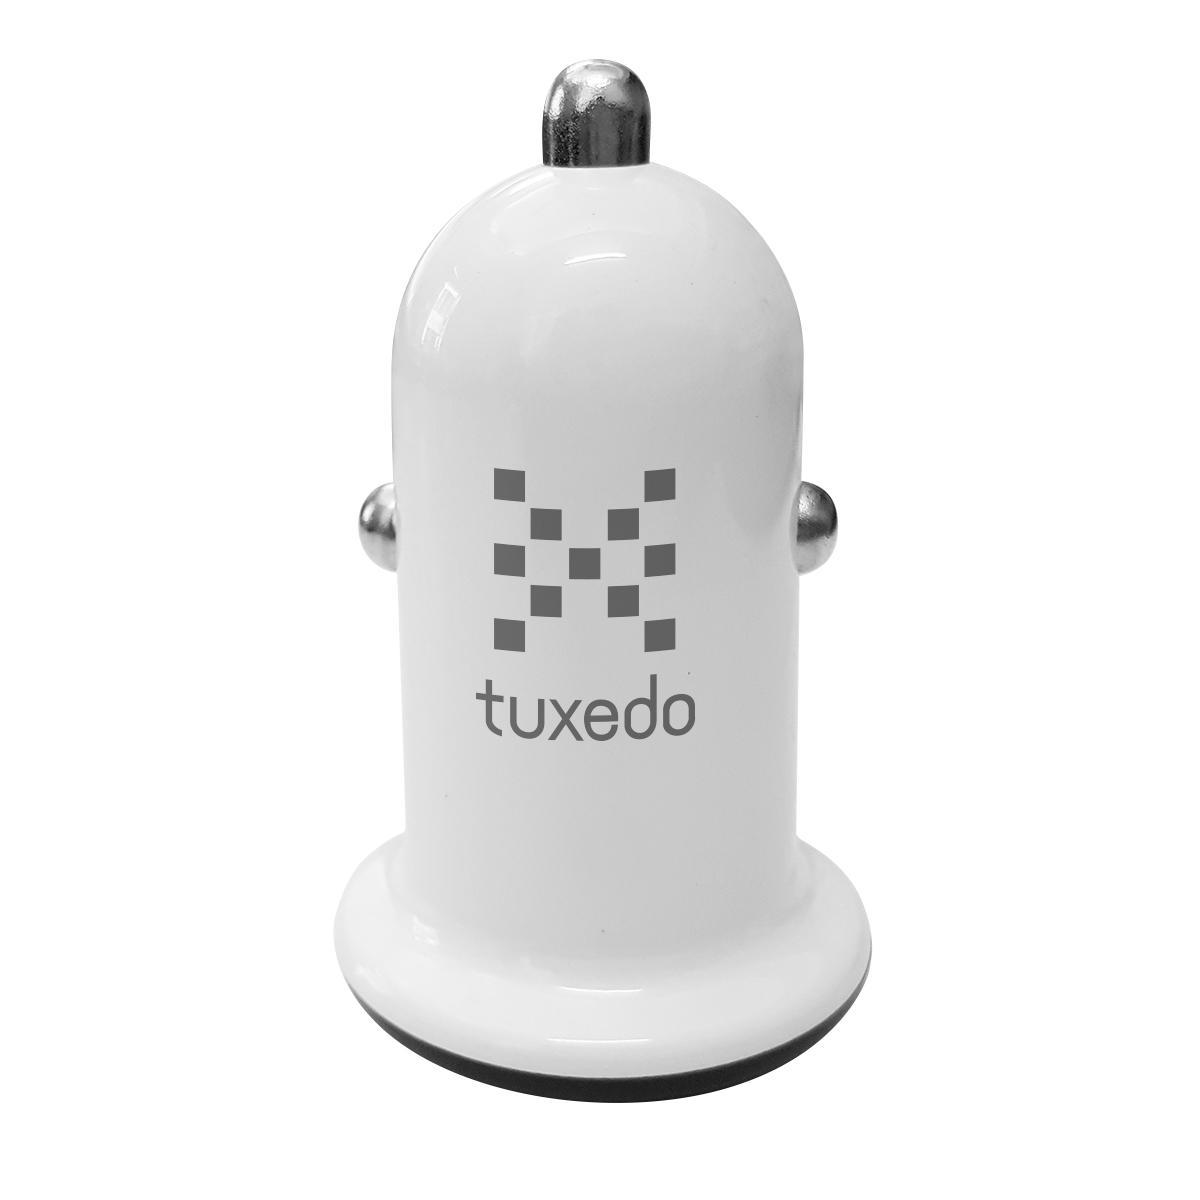 Hình ảnh Sạc oto Tuxedo TX-C2 (2 cổng hỗ trợ sạc nhanh, Max 3.1A)